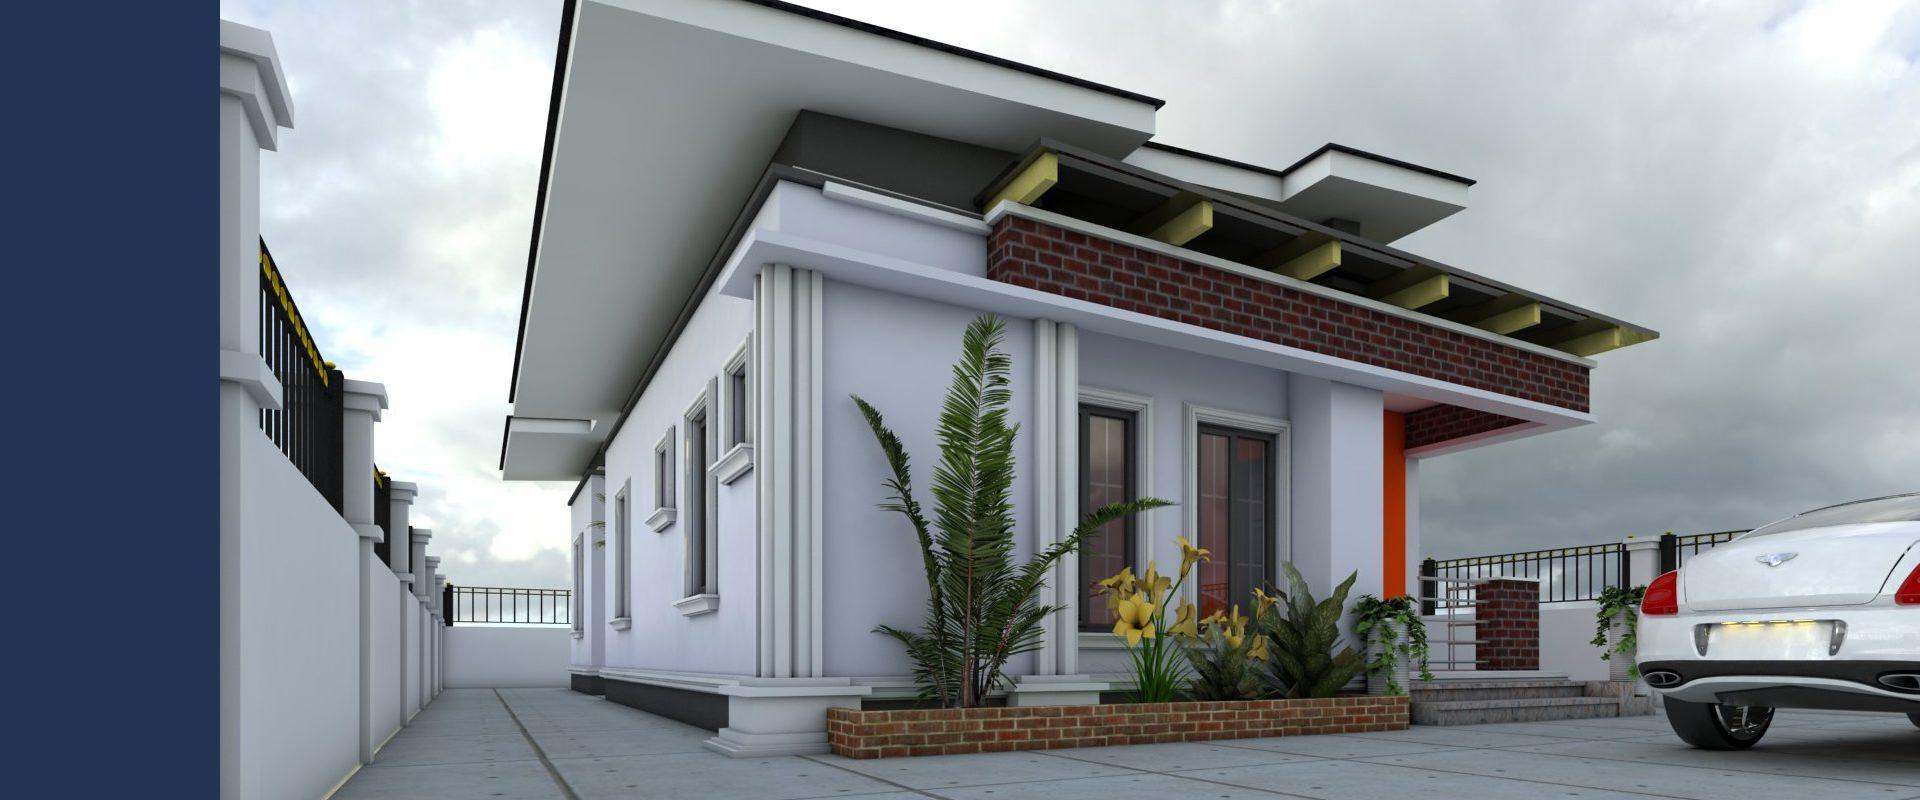 3-Bedroom Detached Bungalow